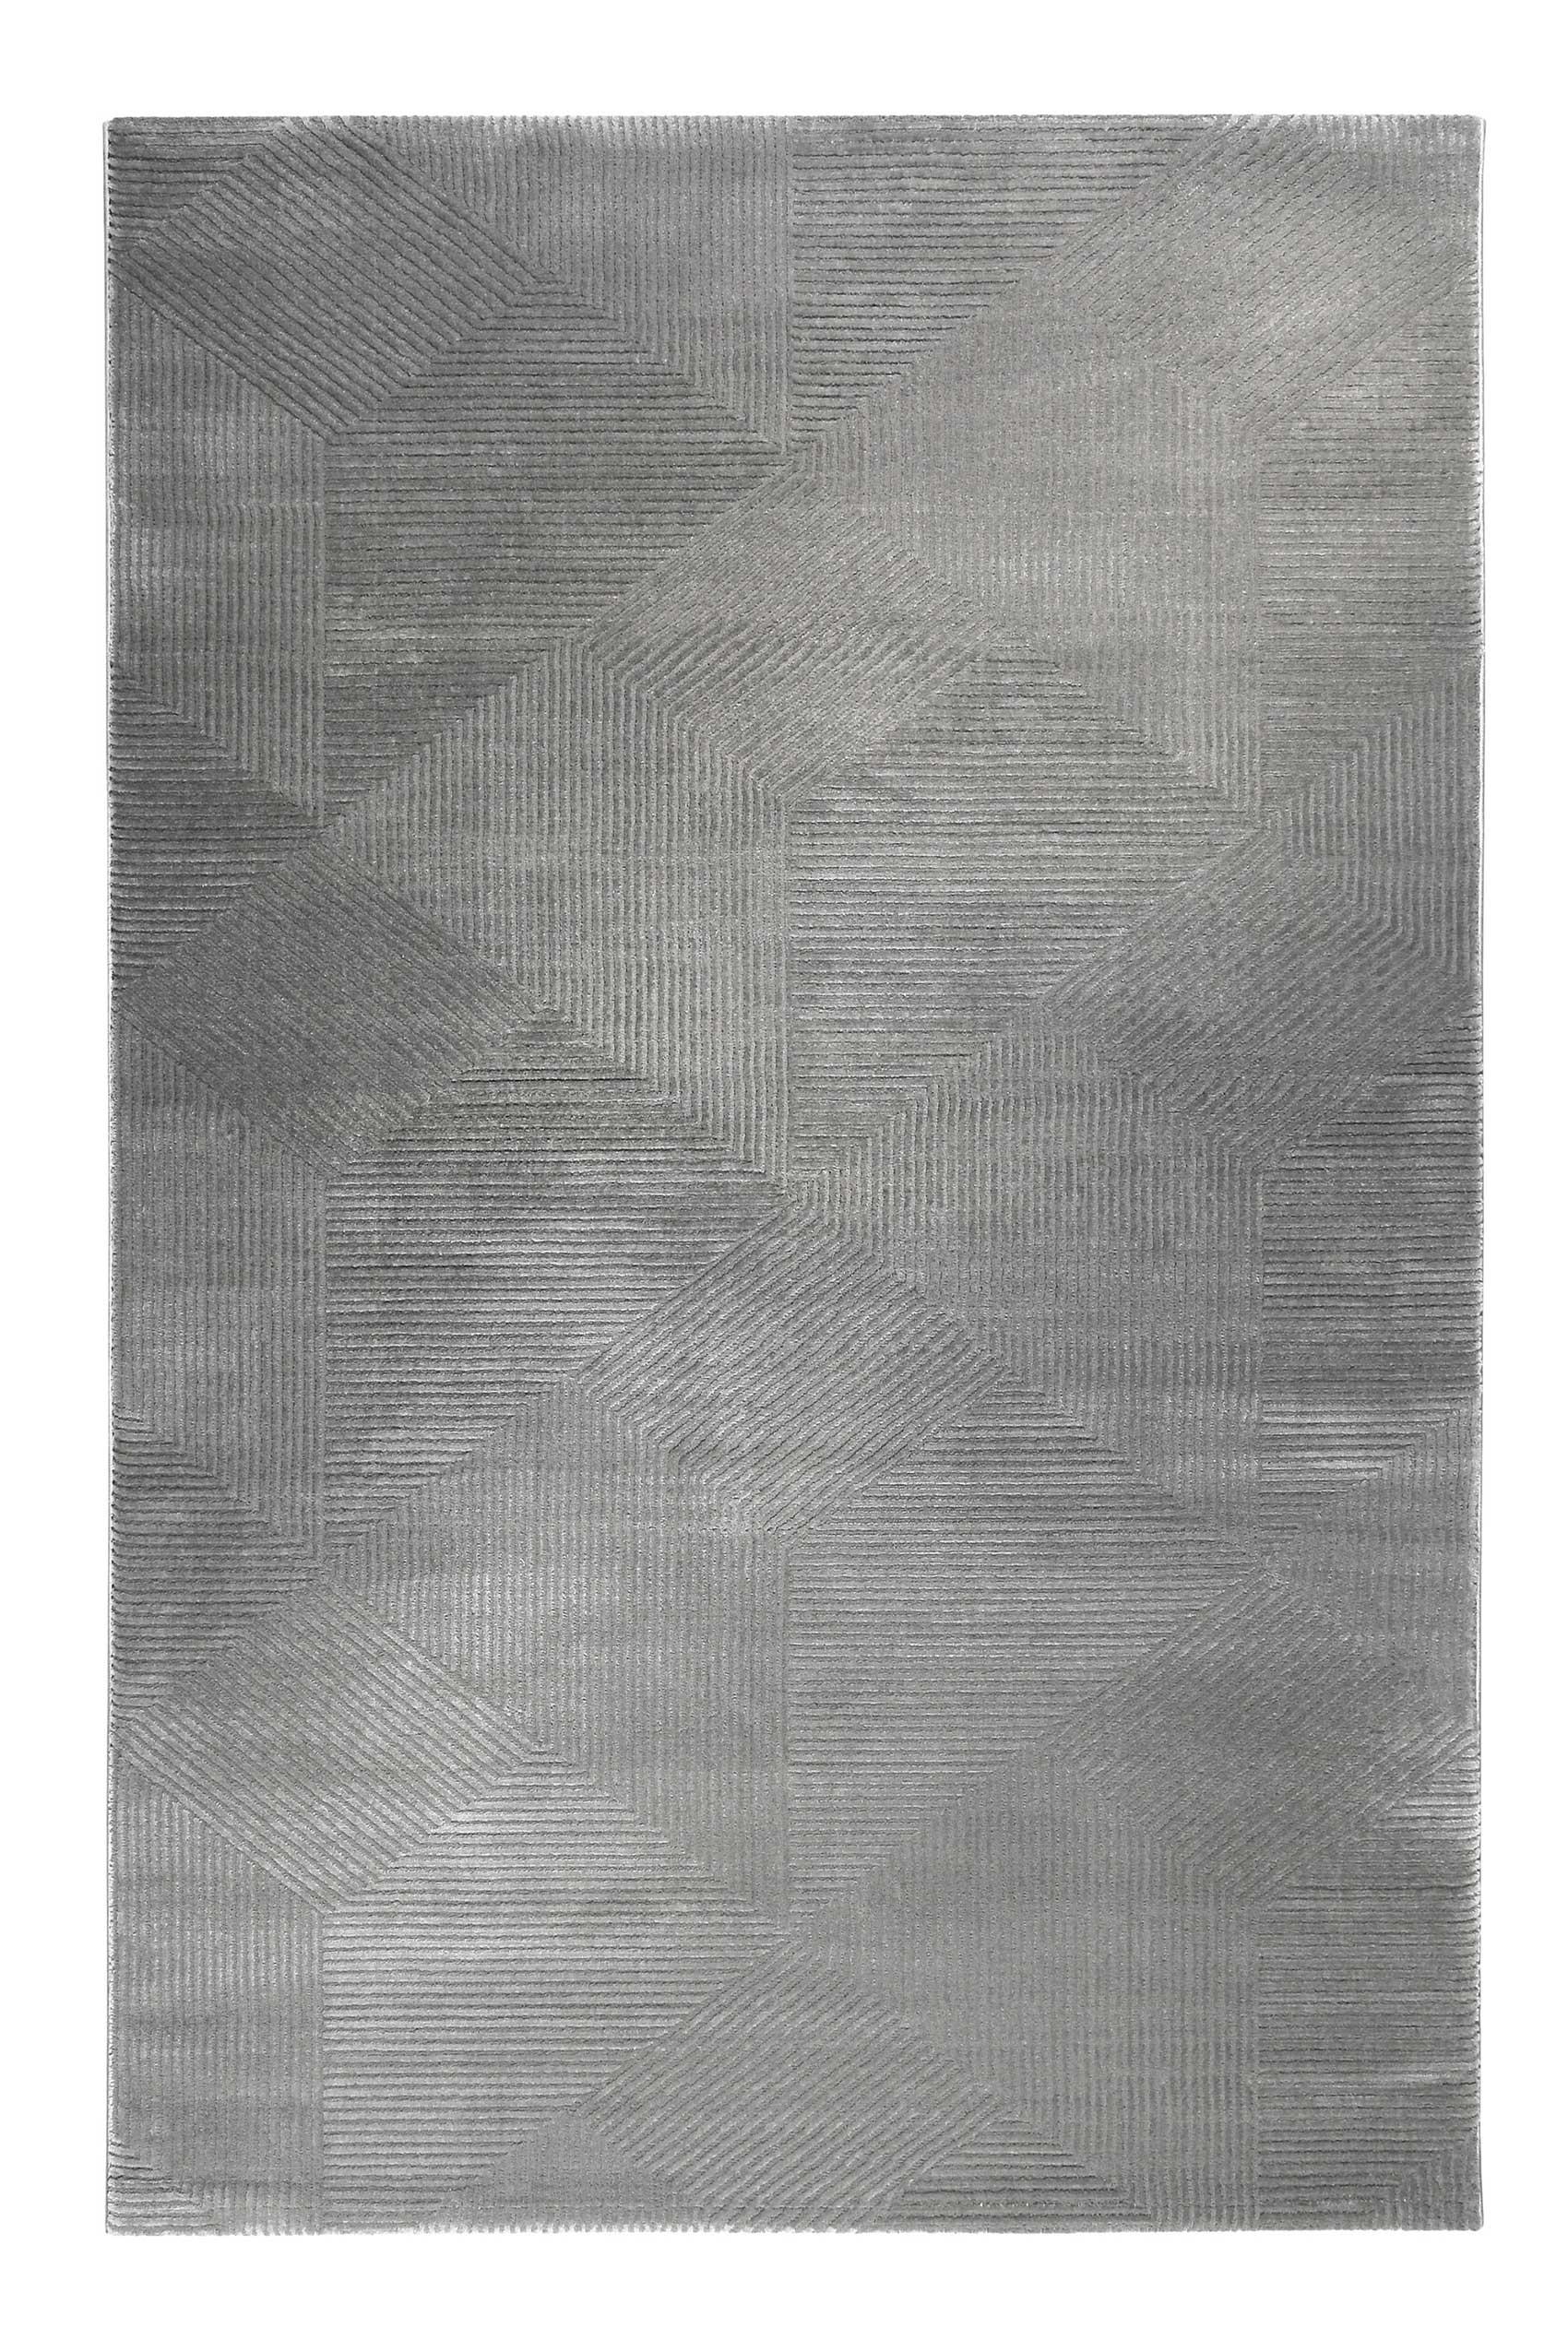 Tapis motif géométrique à relief gris taupe 290x200